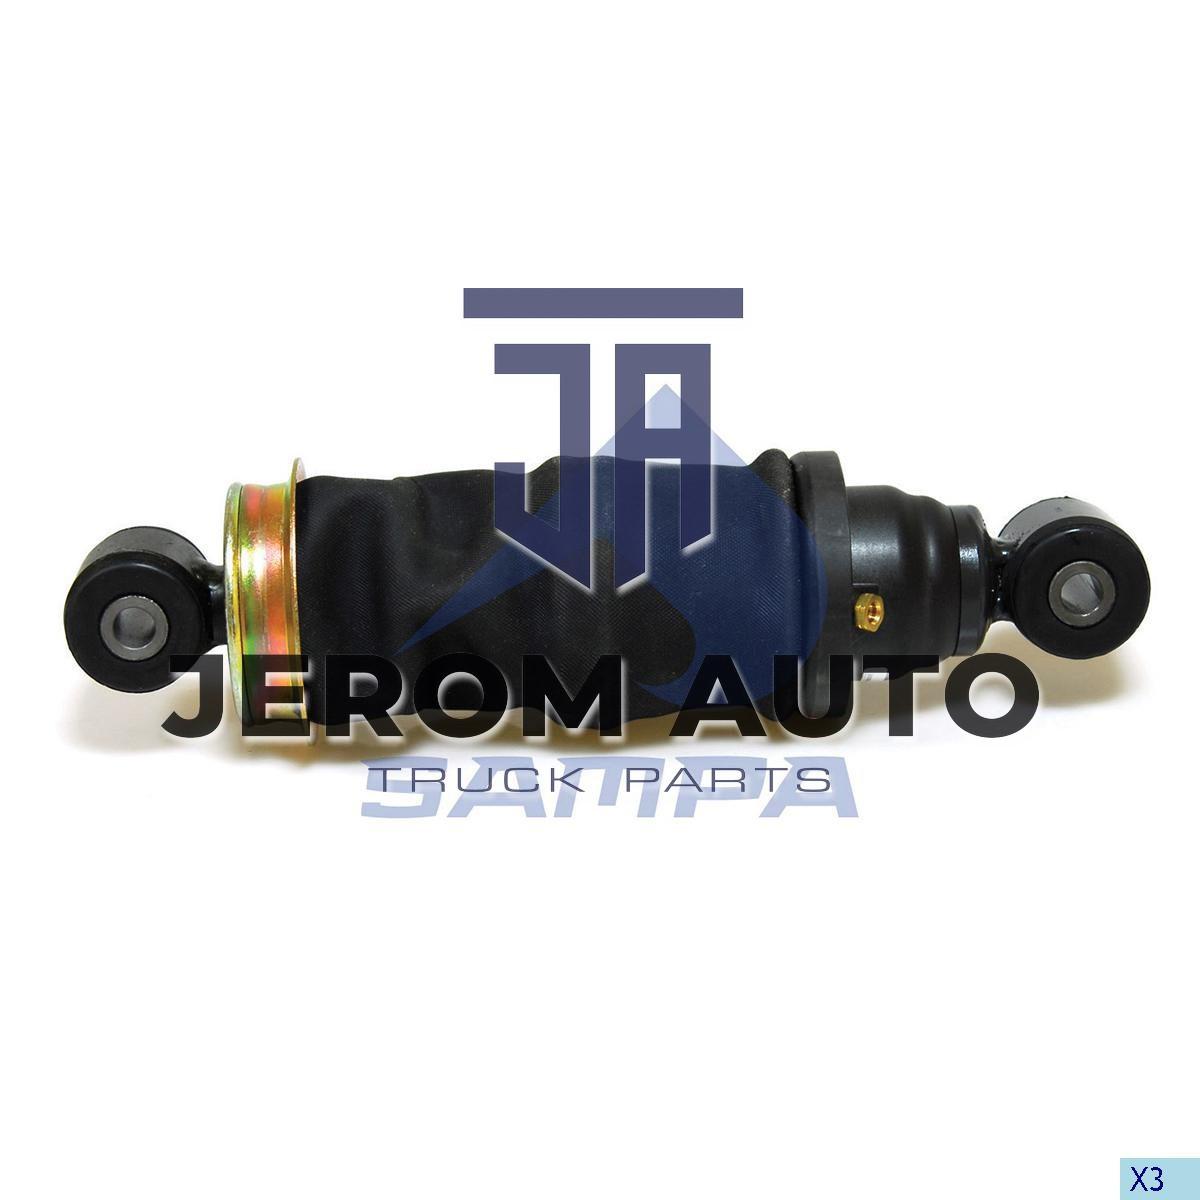 Амортизатор кабины Mercedes Actros (L283-323) задний с пневморесс. \9428906119 \ 011.323